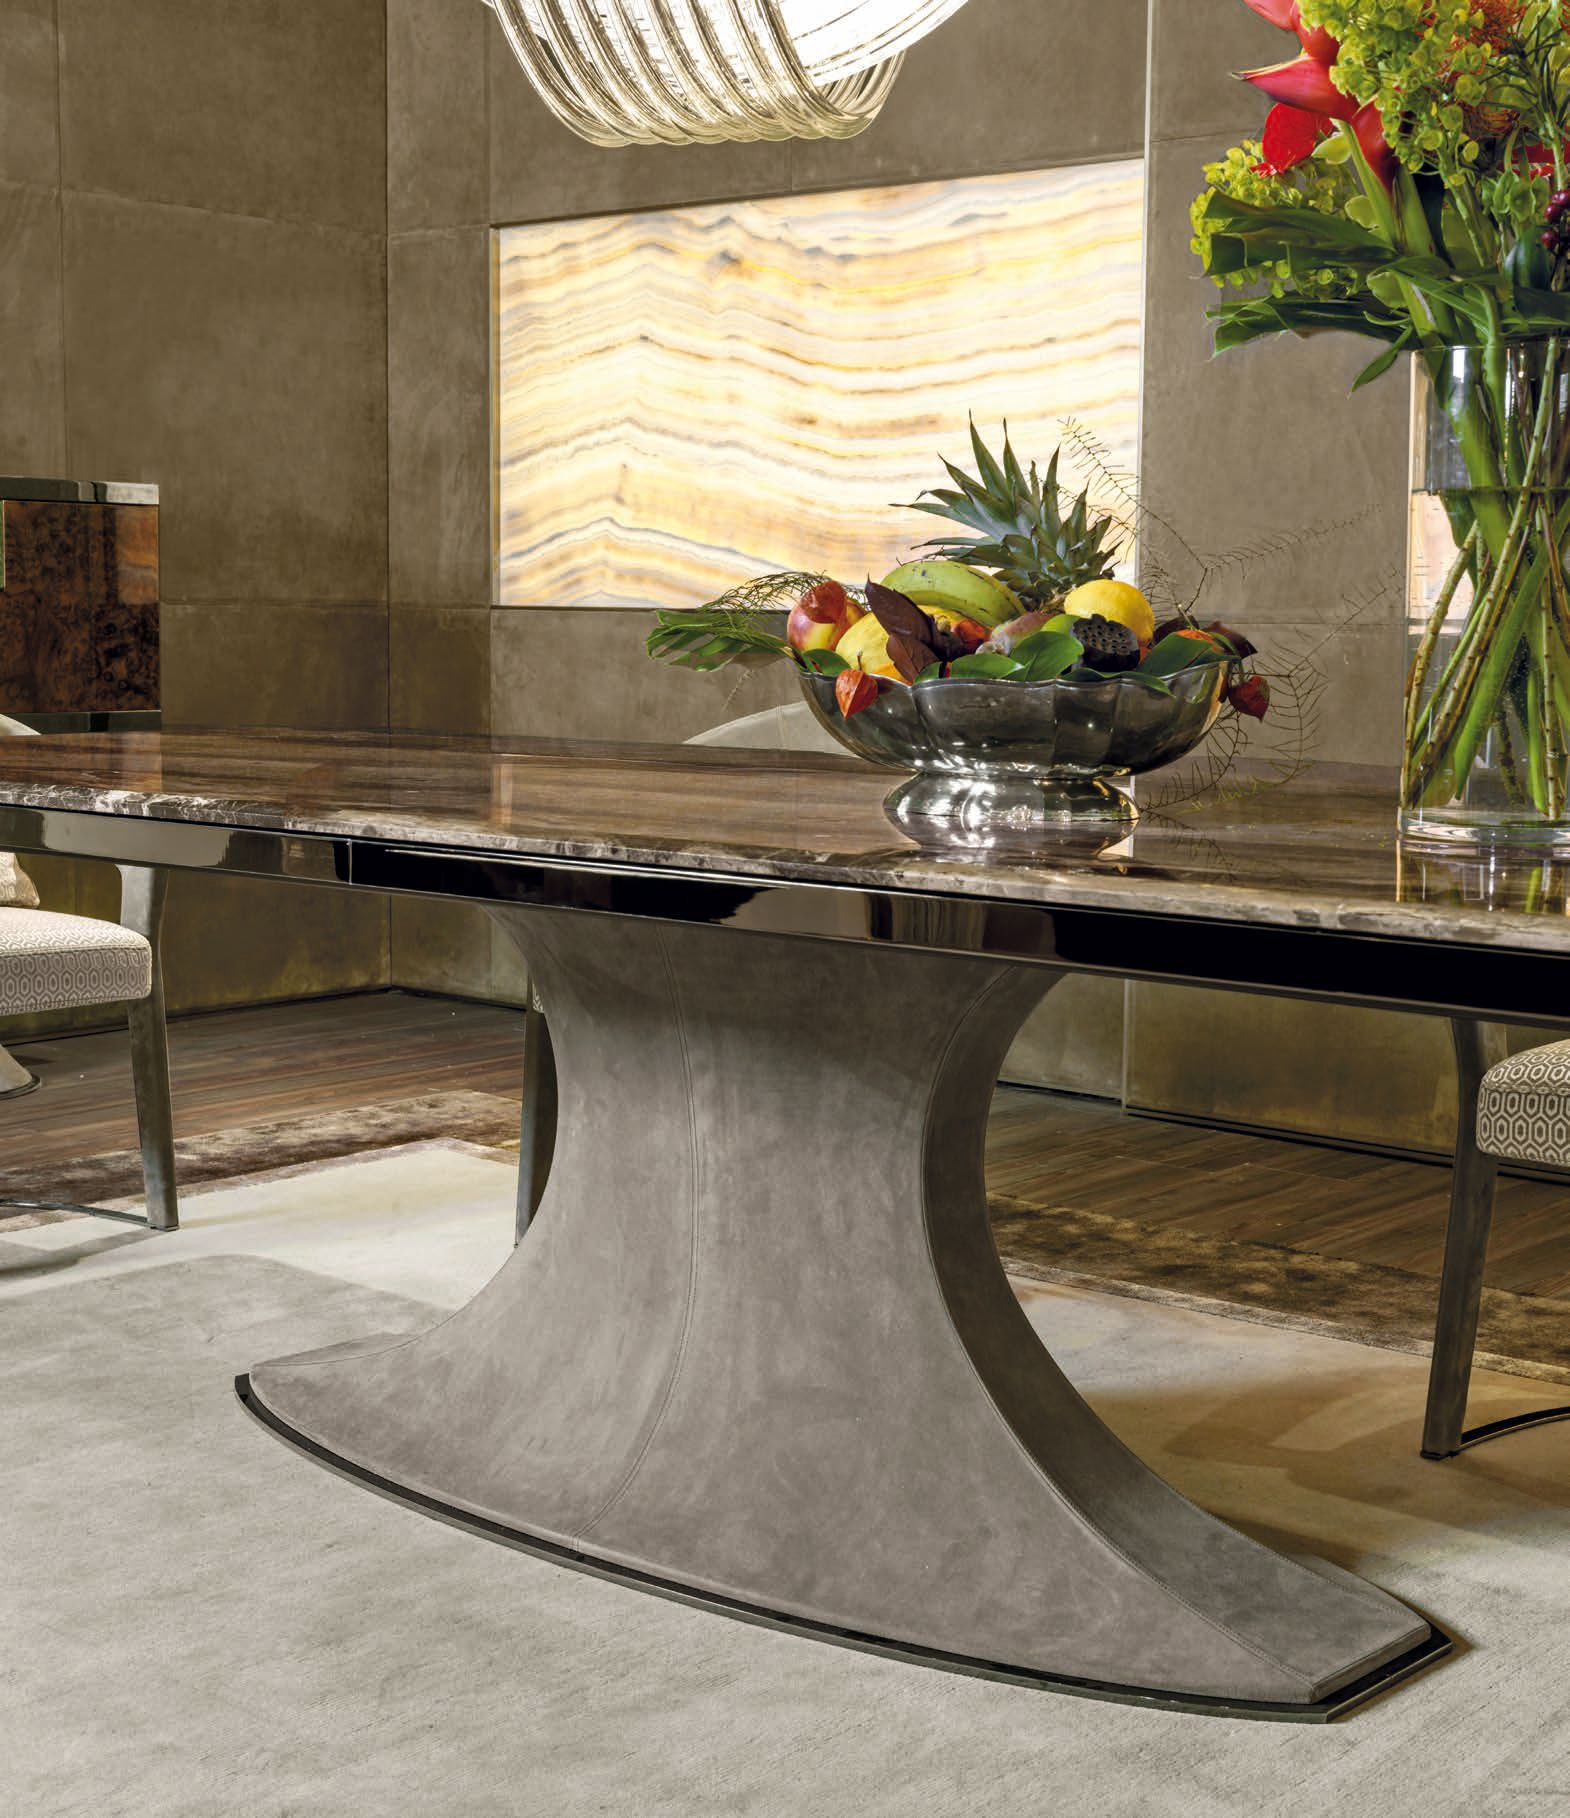 Italian Designer Hubert Dining Table Leather Base Detail High